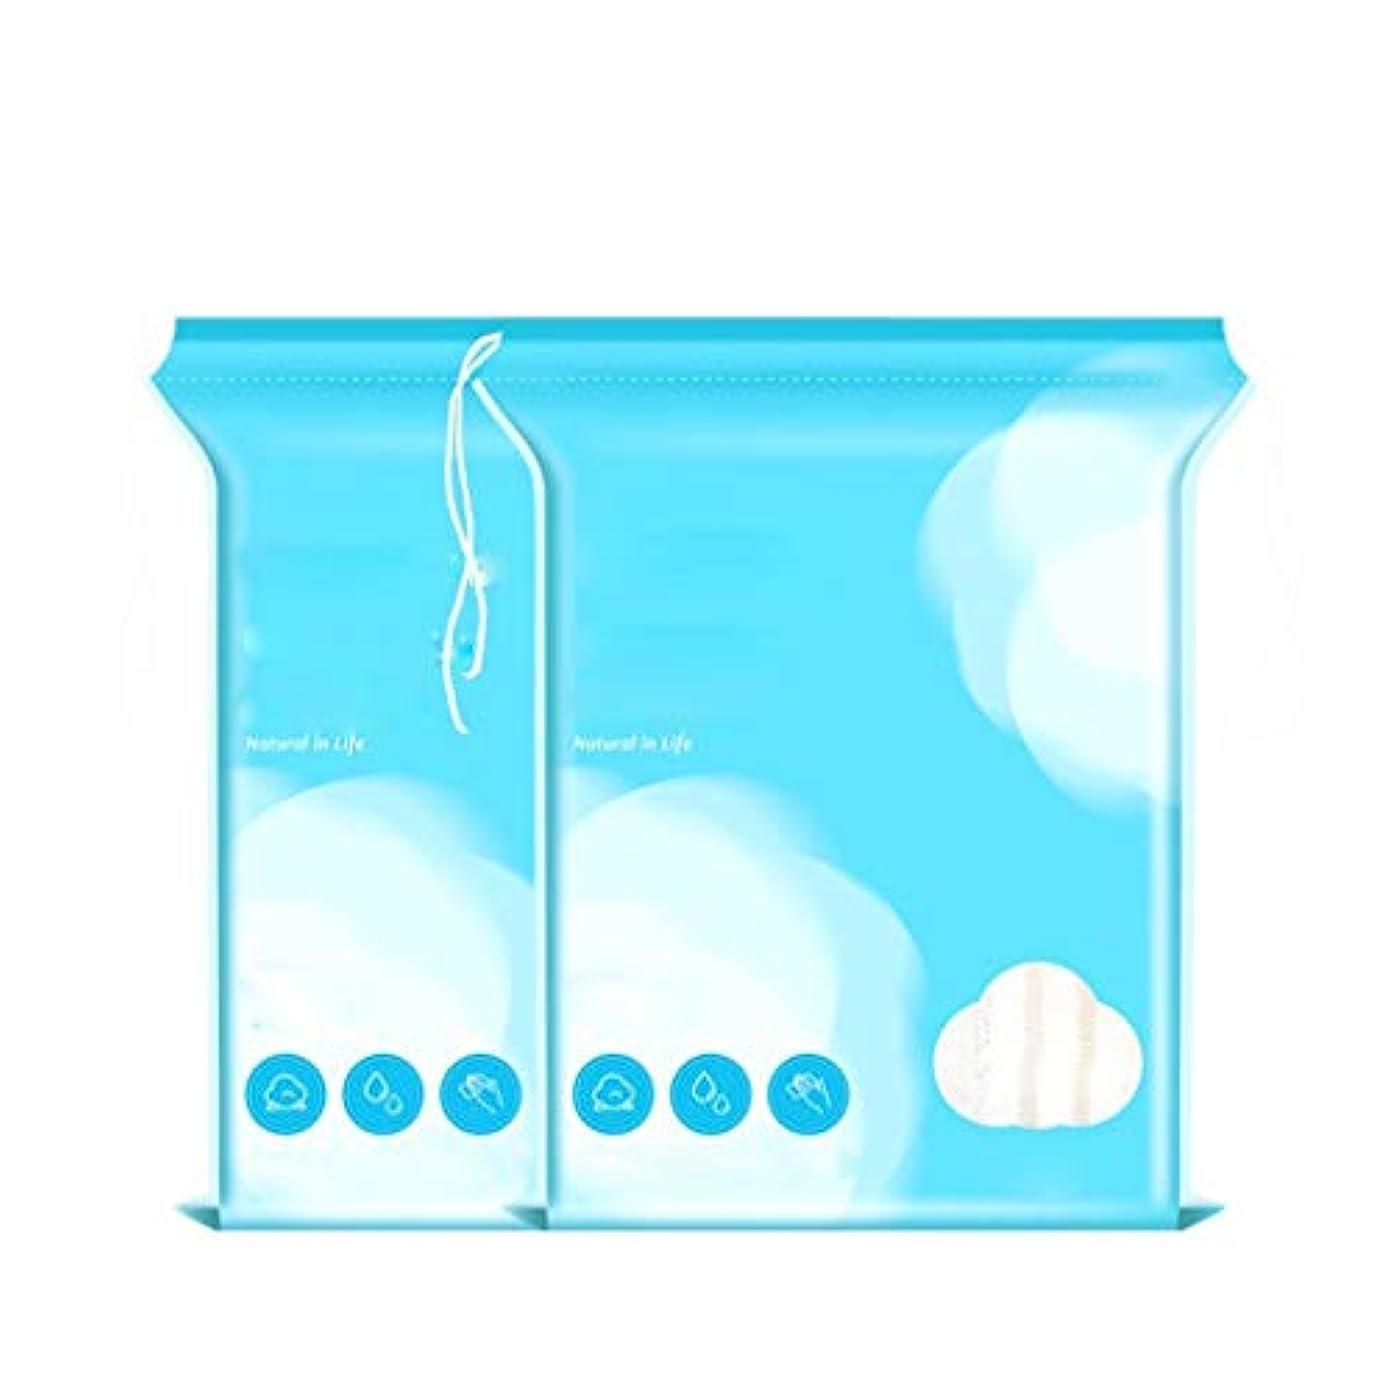 アセンブリ無数のより多いクレンジングシート コットンパッドクレンジングコットンコットンフェイスディープクレンジングアンロードコットン節水メイク落としコットン (Color : 2 package)